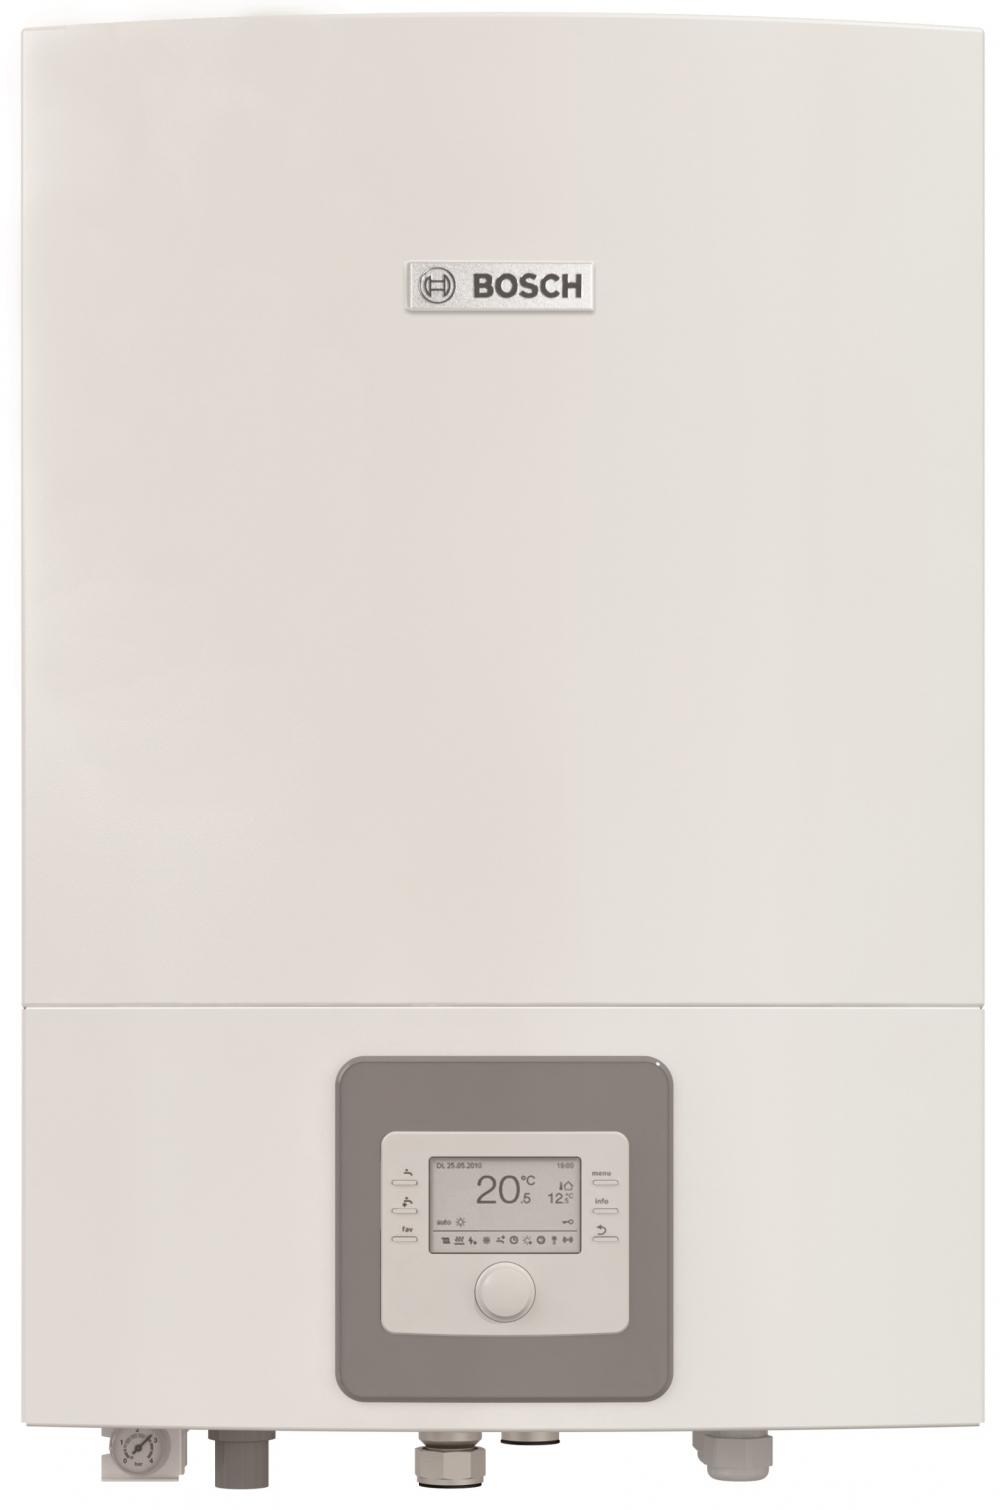 Воздушный тепловой насос Bosch Compress 6000 AWB 5-9